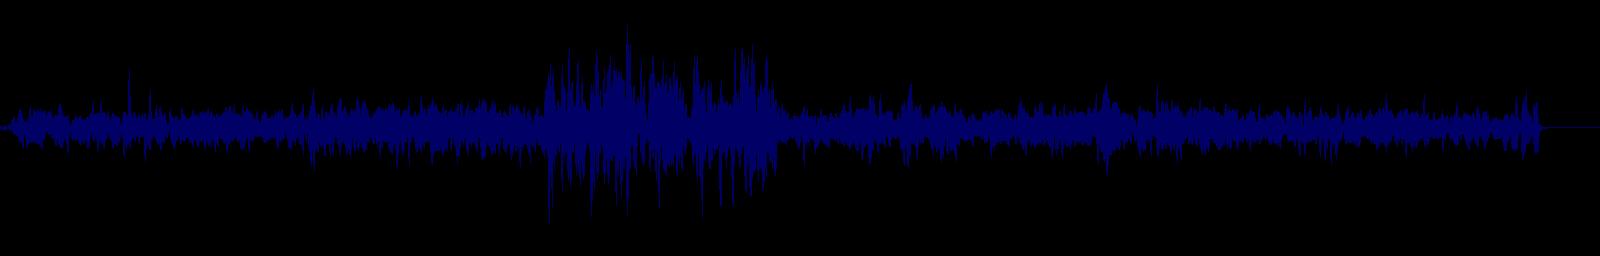 waveform of track #131445